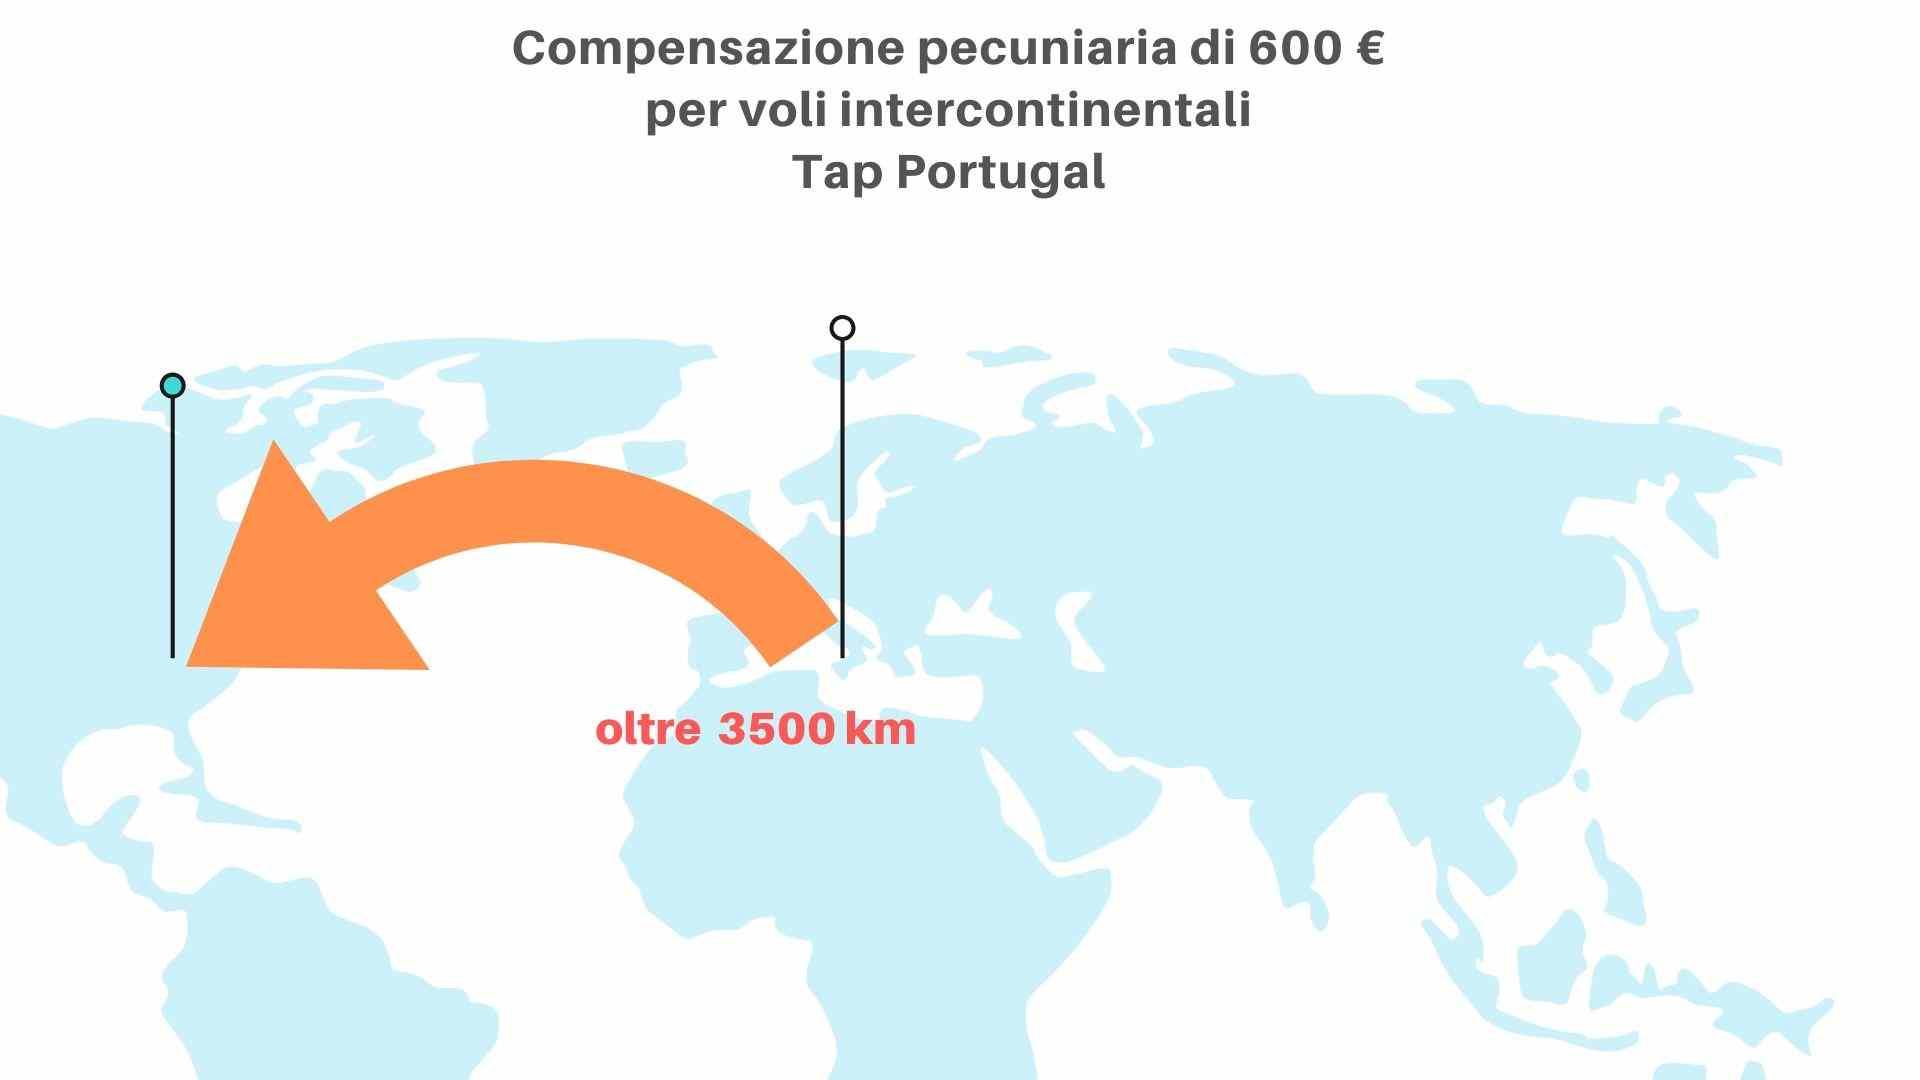 Ritardo volo Tap Portugal - tratta superiore a 3500 km